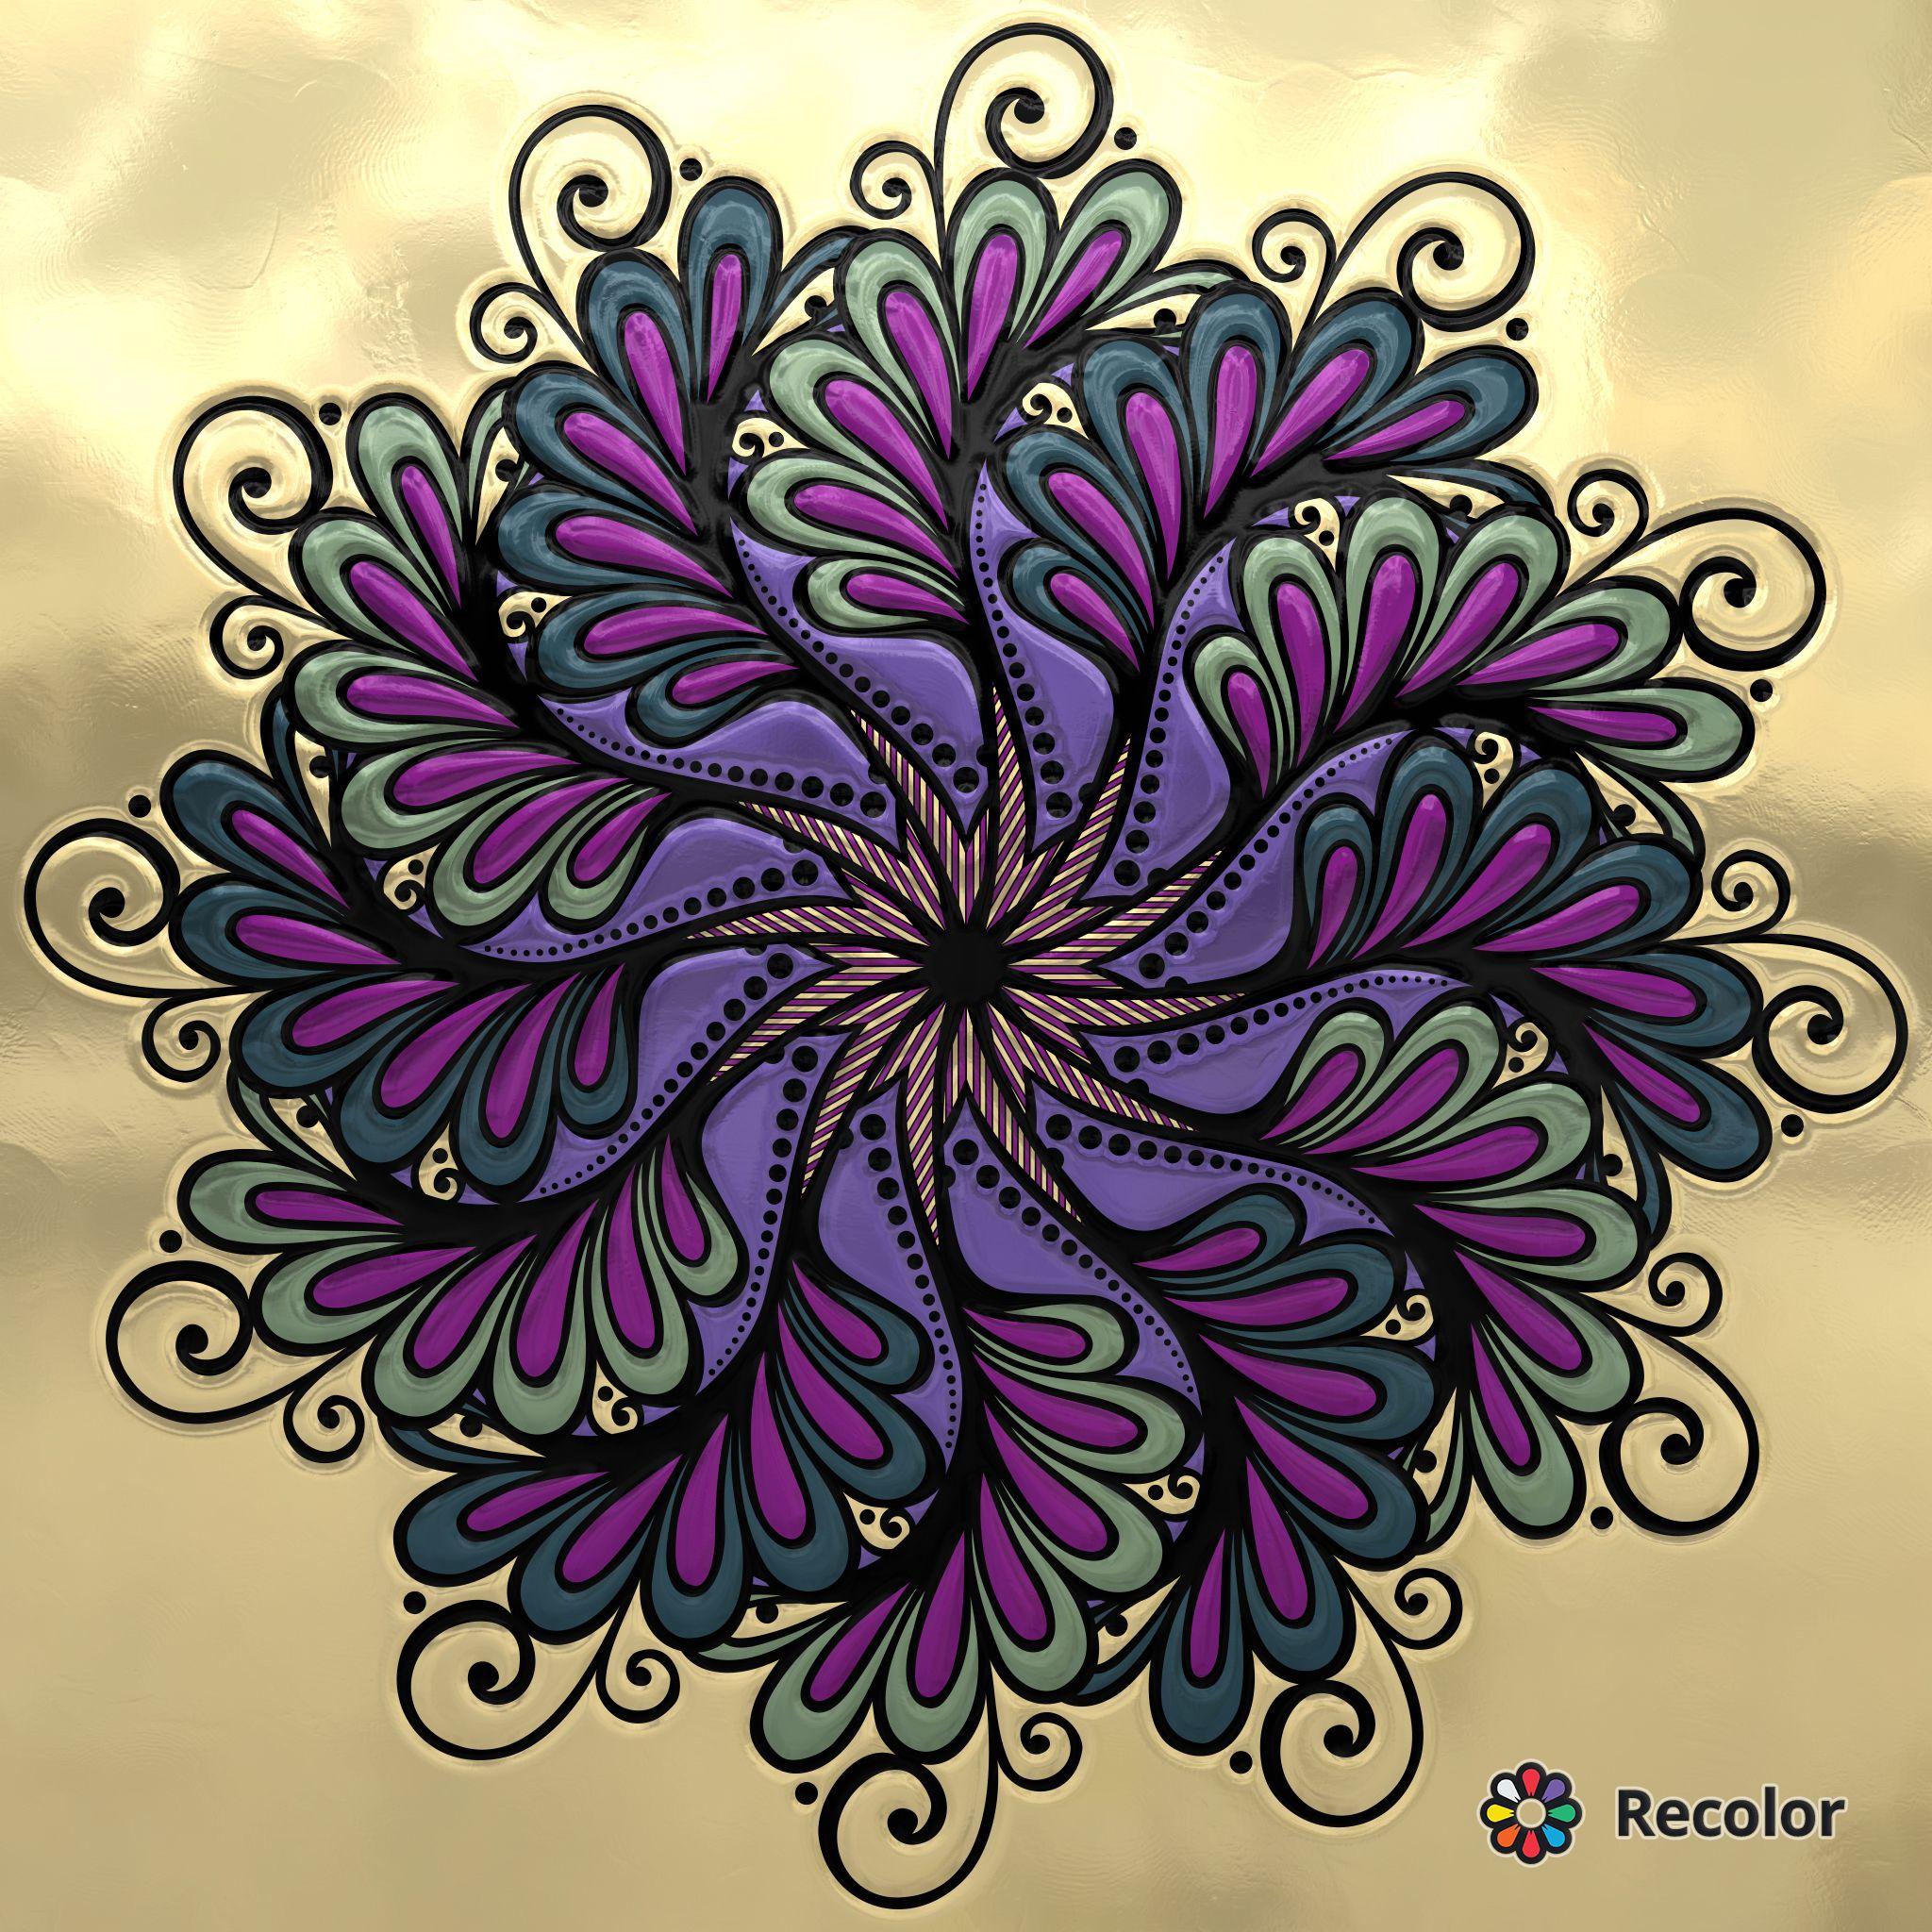 Pin de Heather Riggs en coloring pages - kids   Pinterest   Mandalas ...